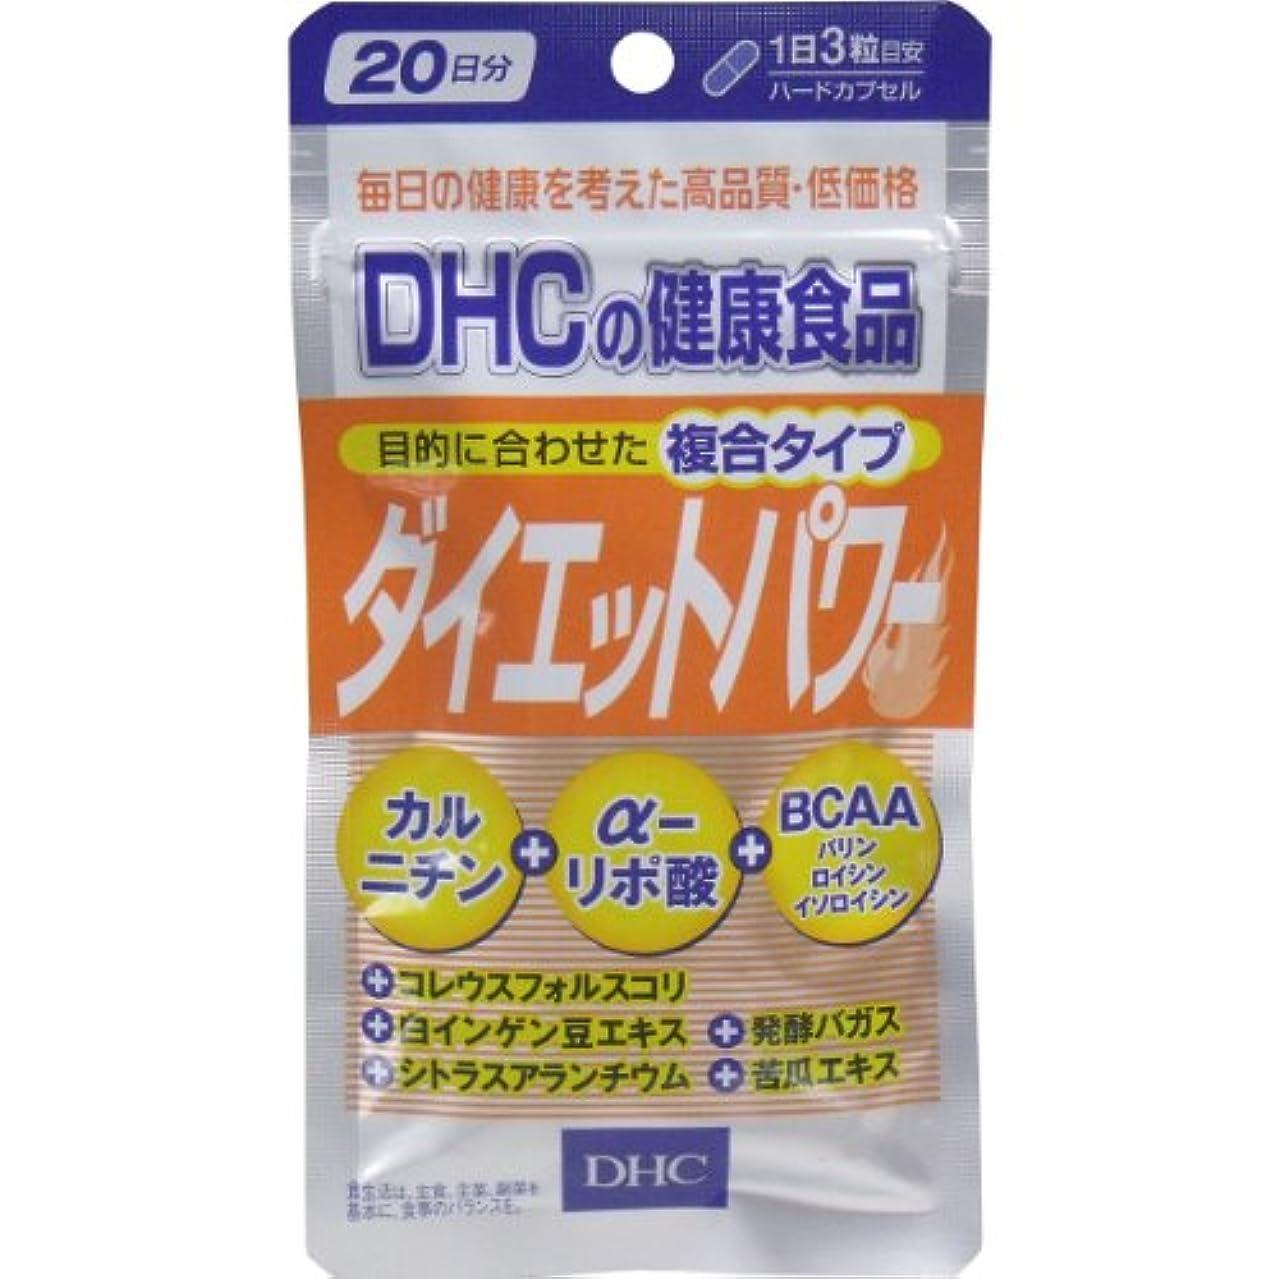 スタック矛盾入学するDHC ダイエットパワー 60粒入 20日分